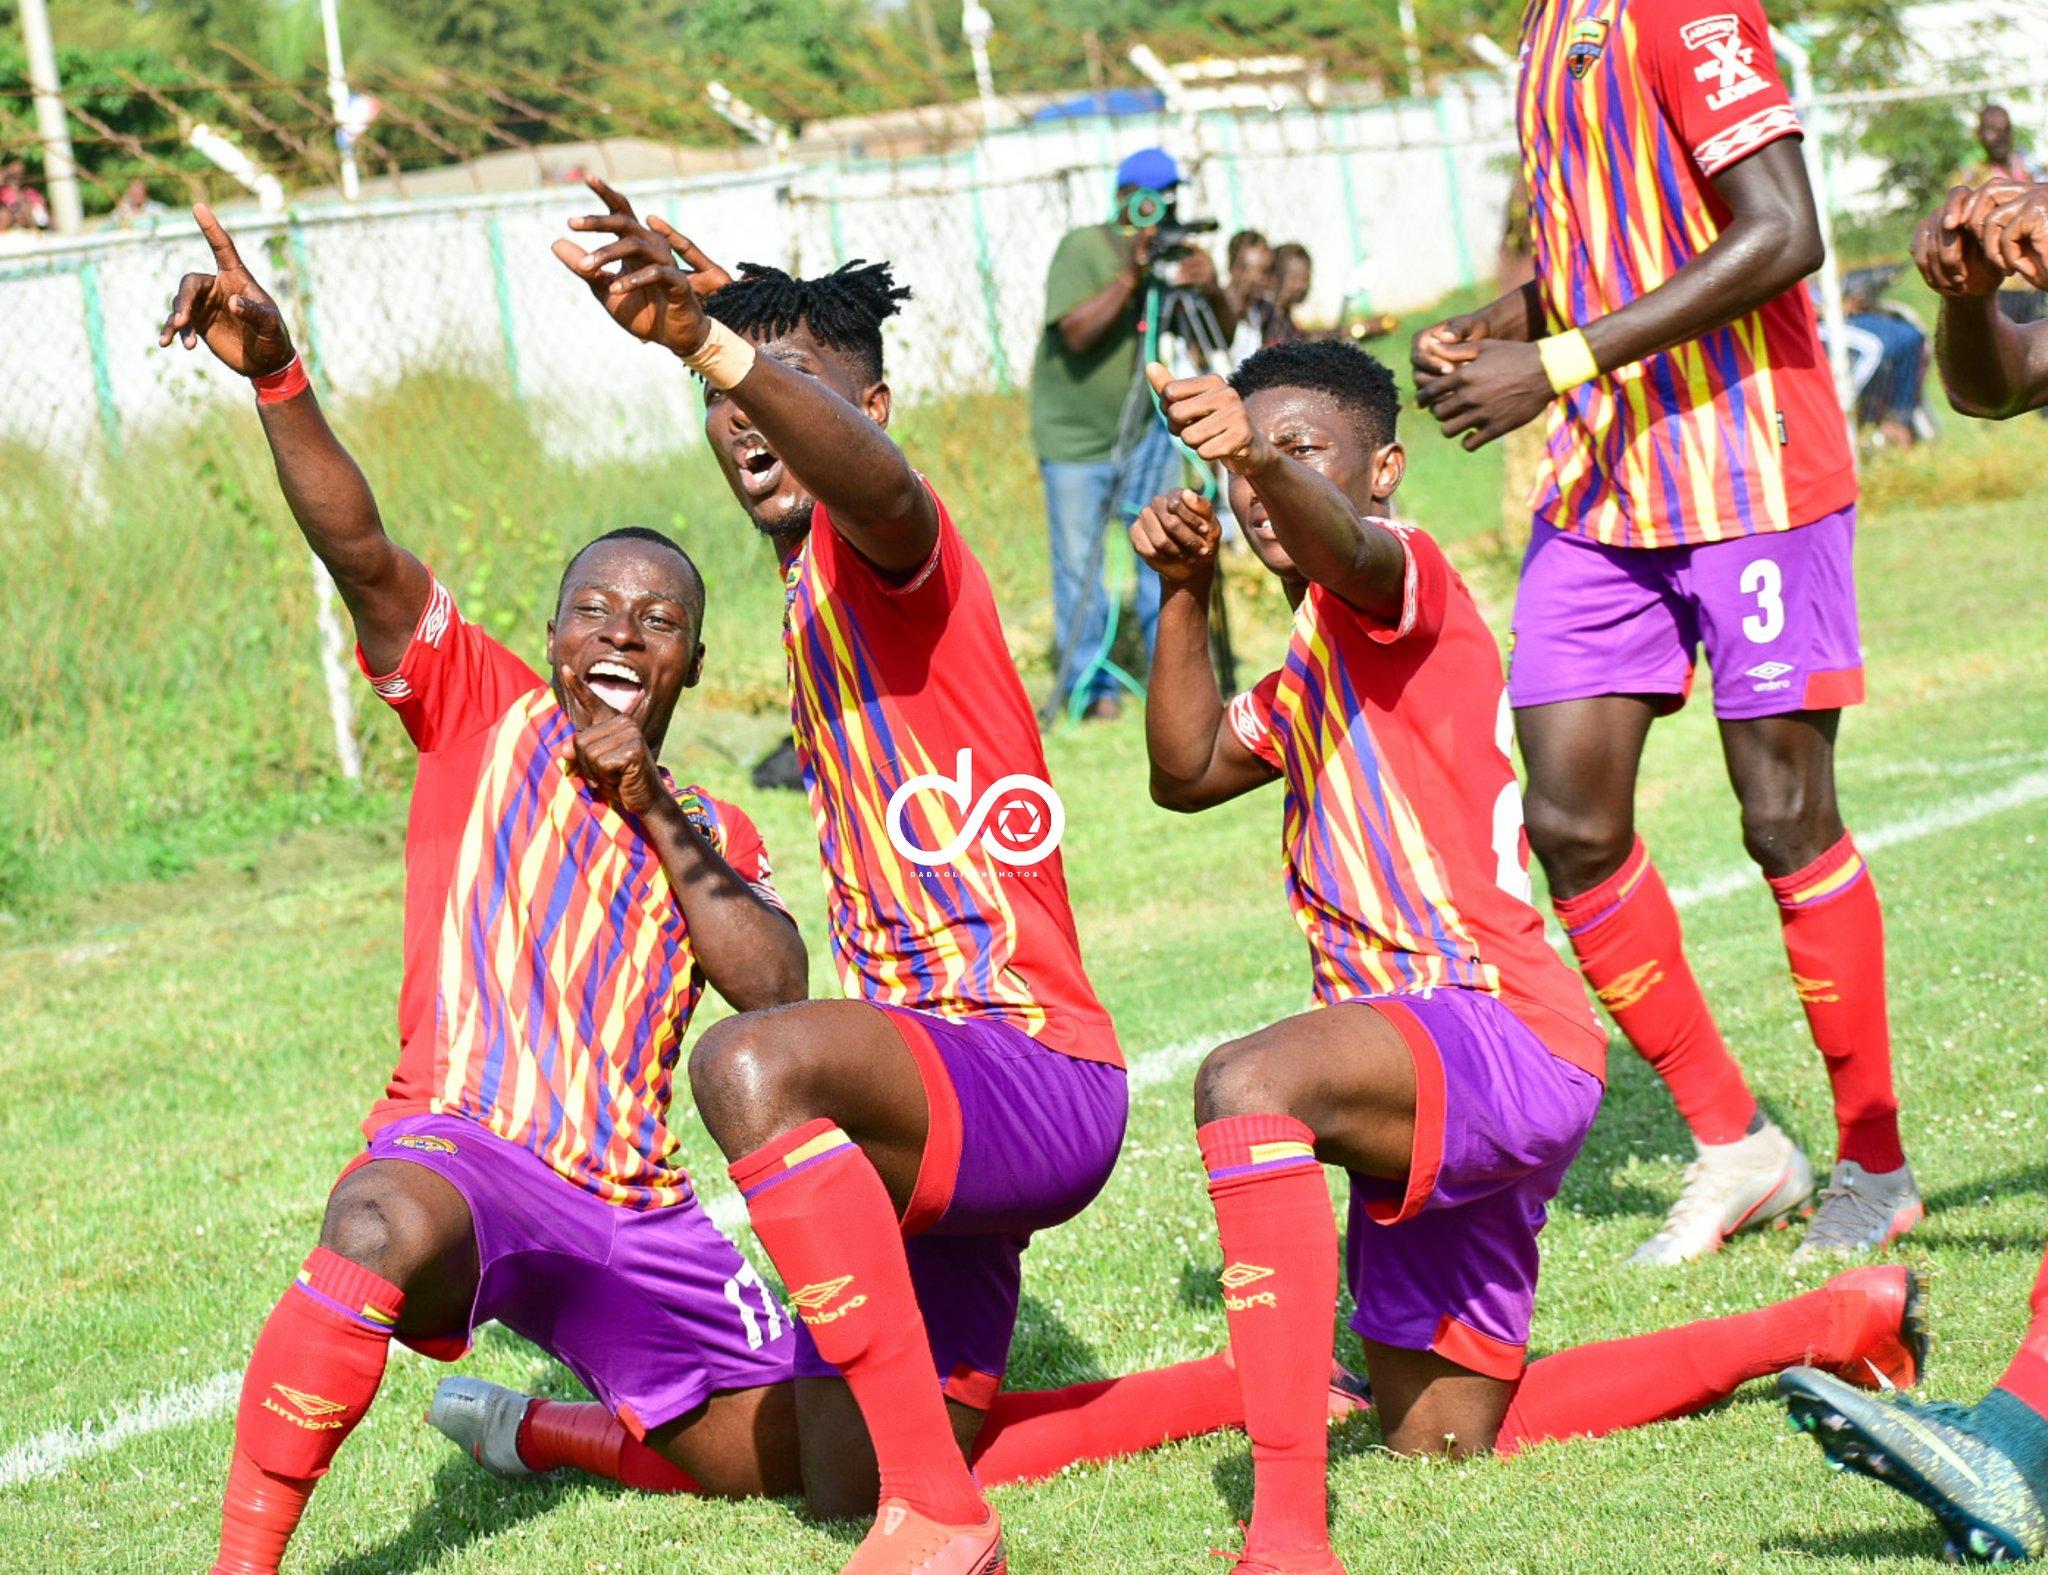 Hearts of Oak defeat Asekem FC 2-1 in a friendly encounter